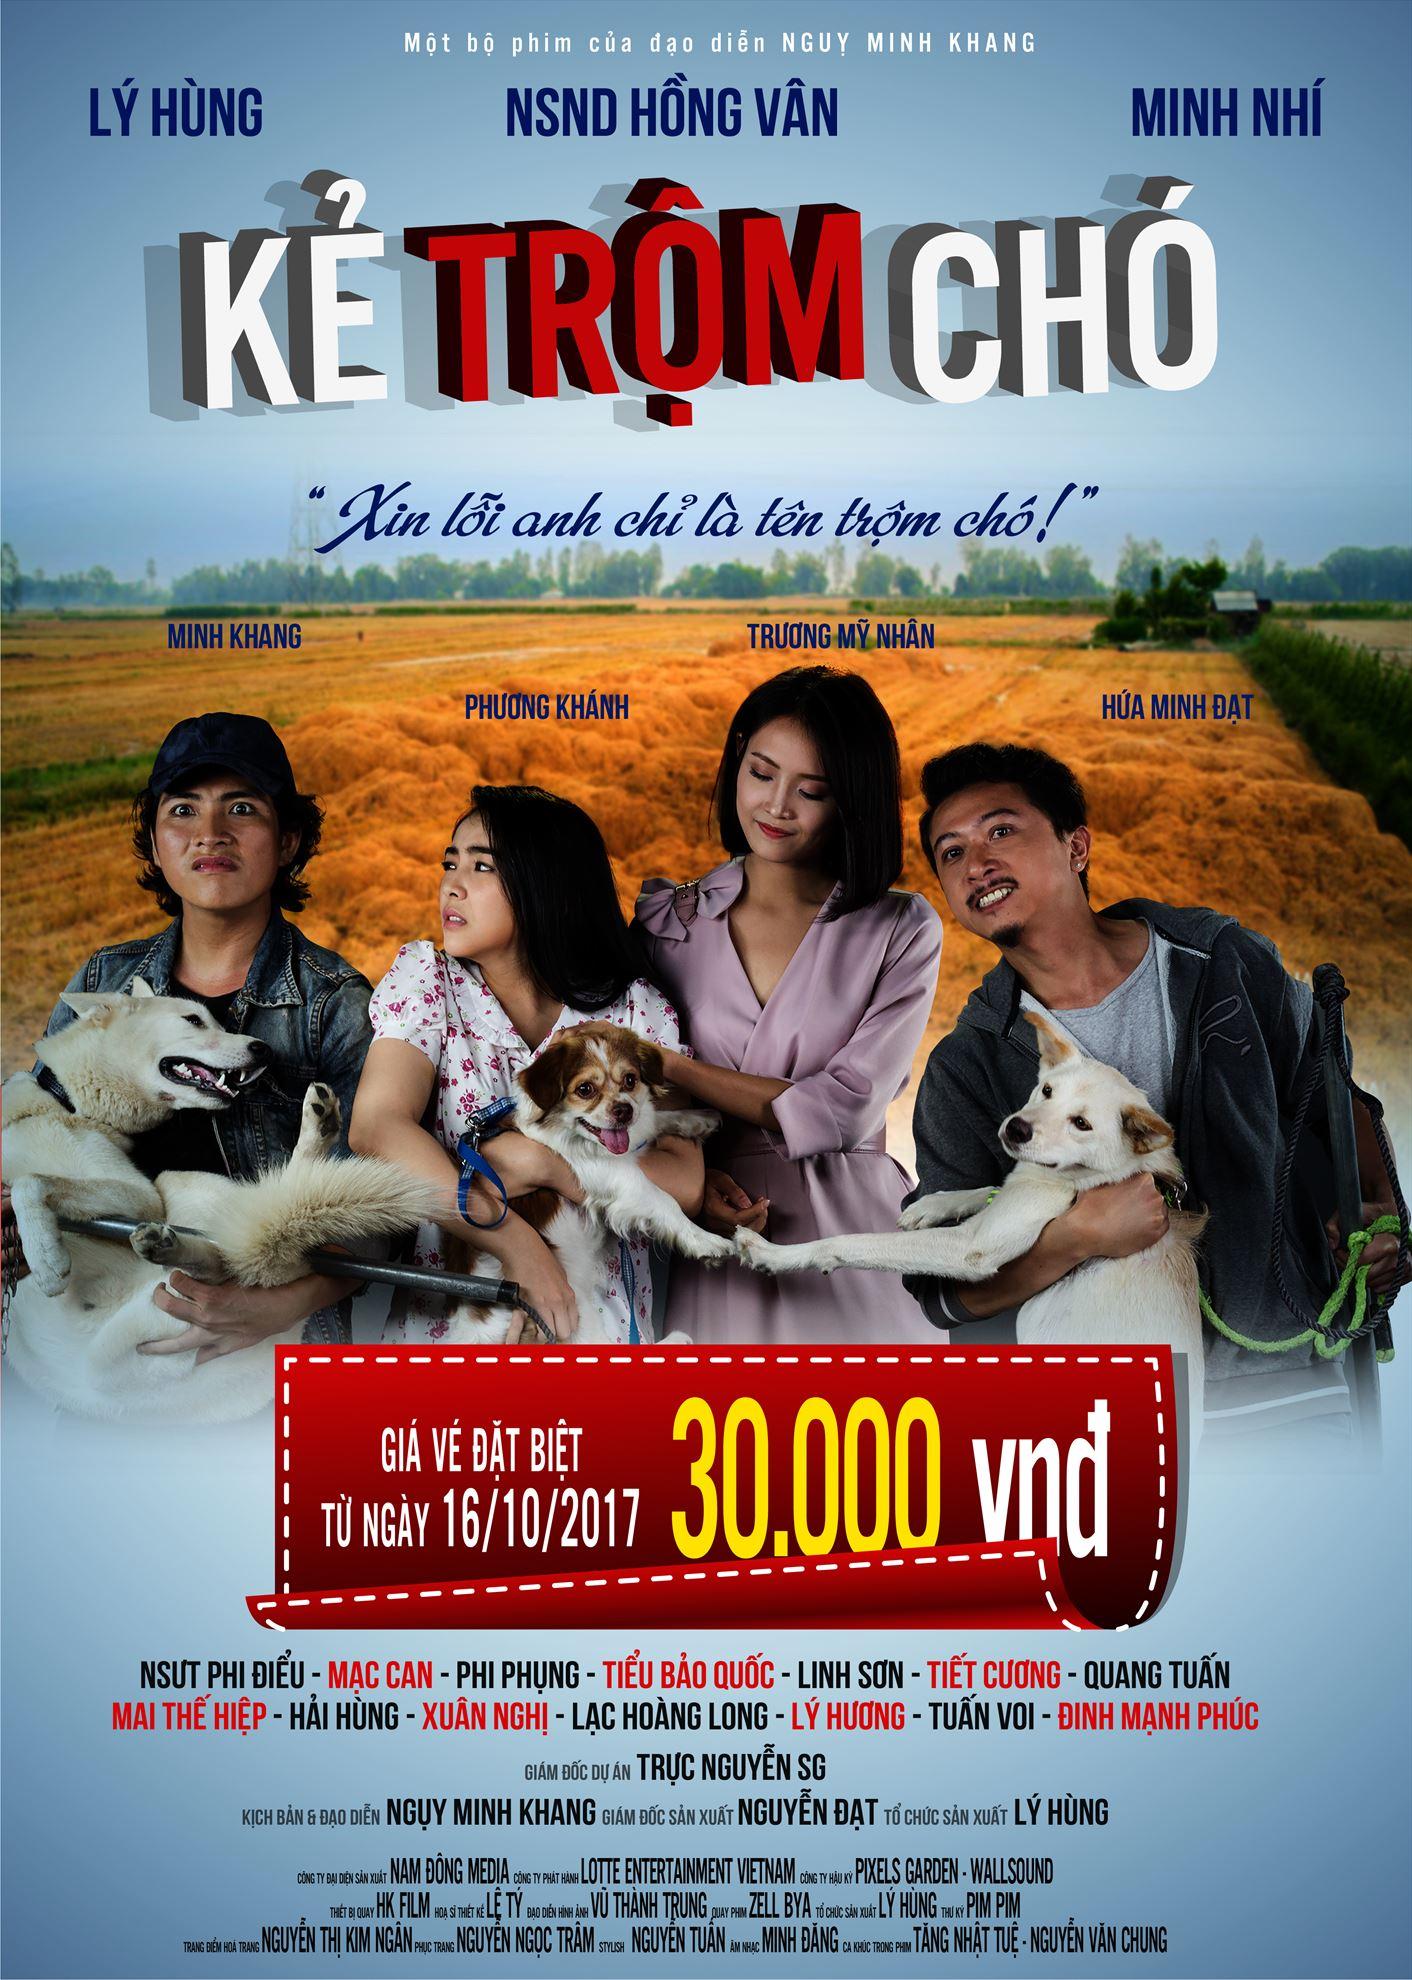 Picture for category Đồng giá vé 30.000đ bộ phim hài KẺ TRỘM CHÓ